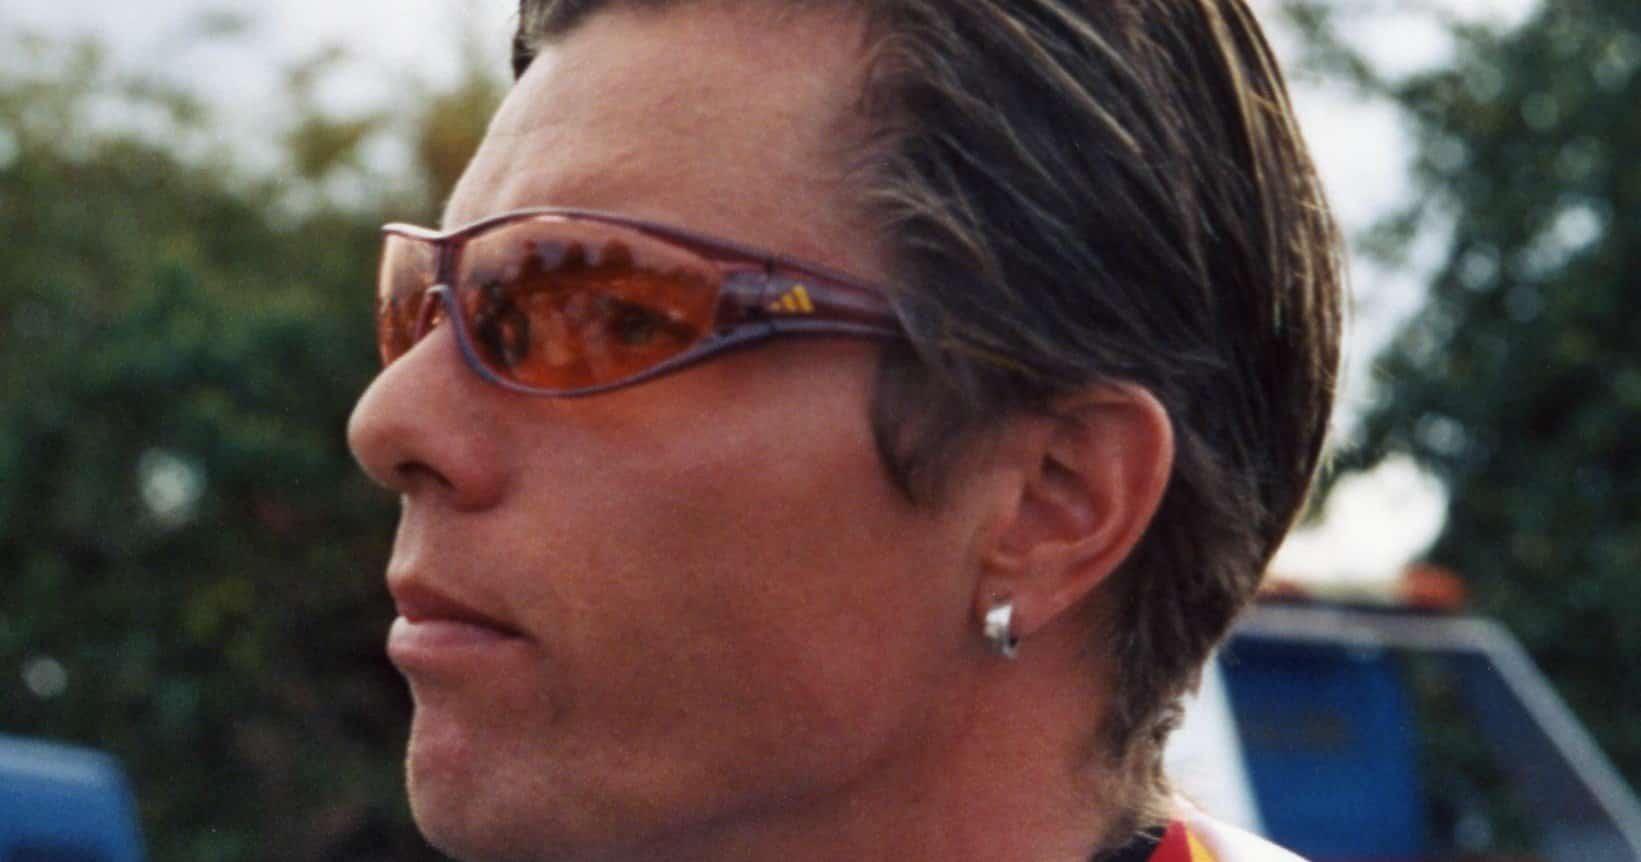 Danilo_Hondo_doping_alessandro_petacchi